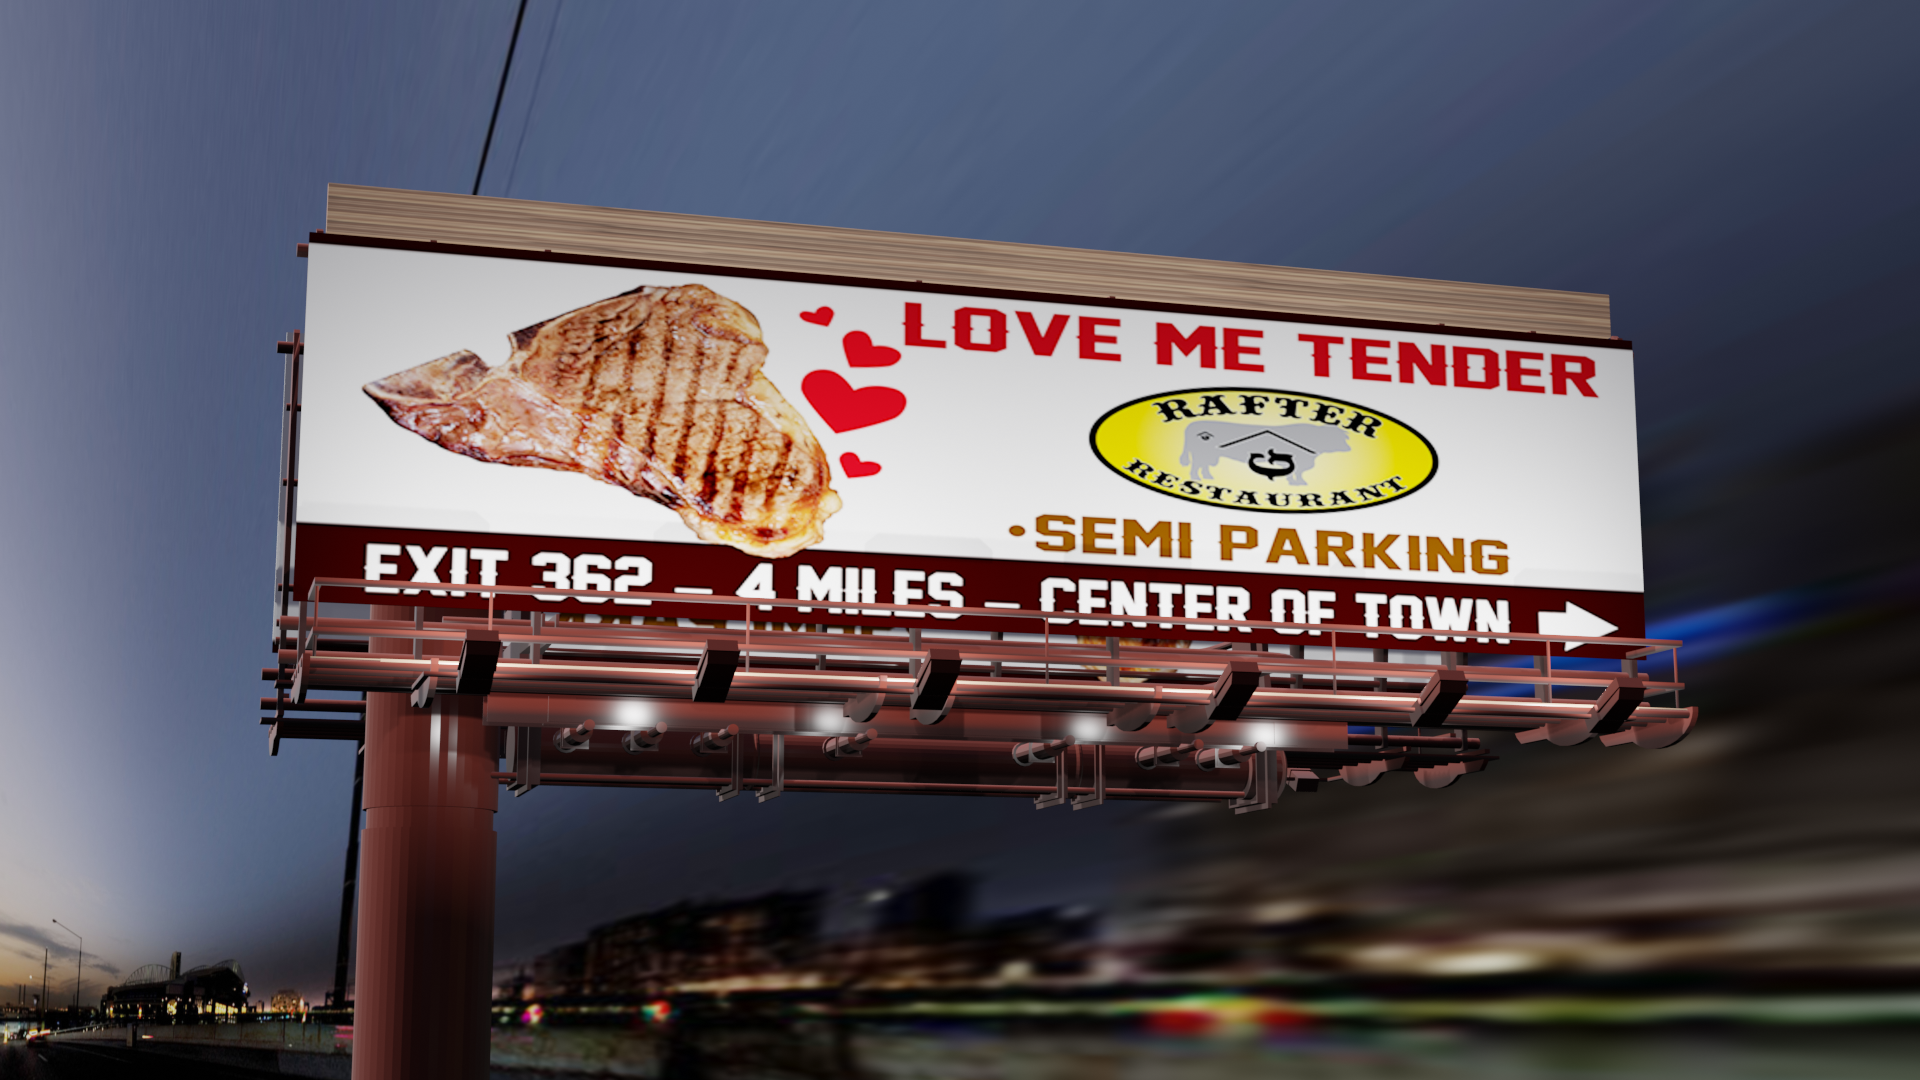 billboard ads in arizona